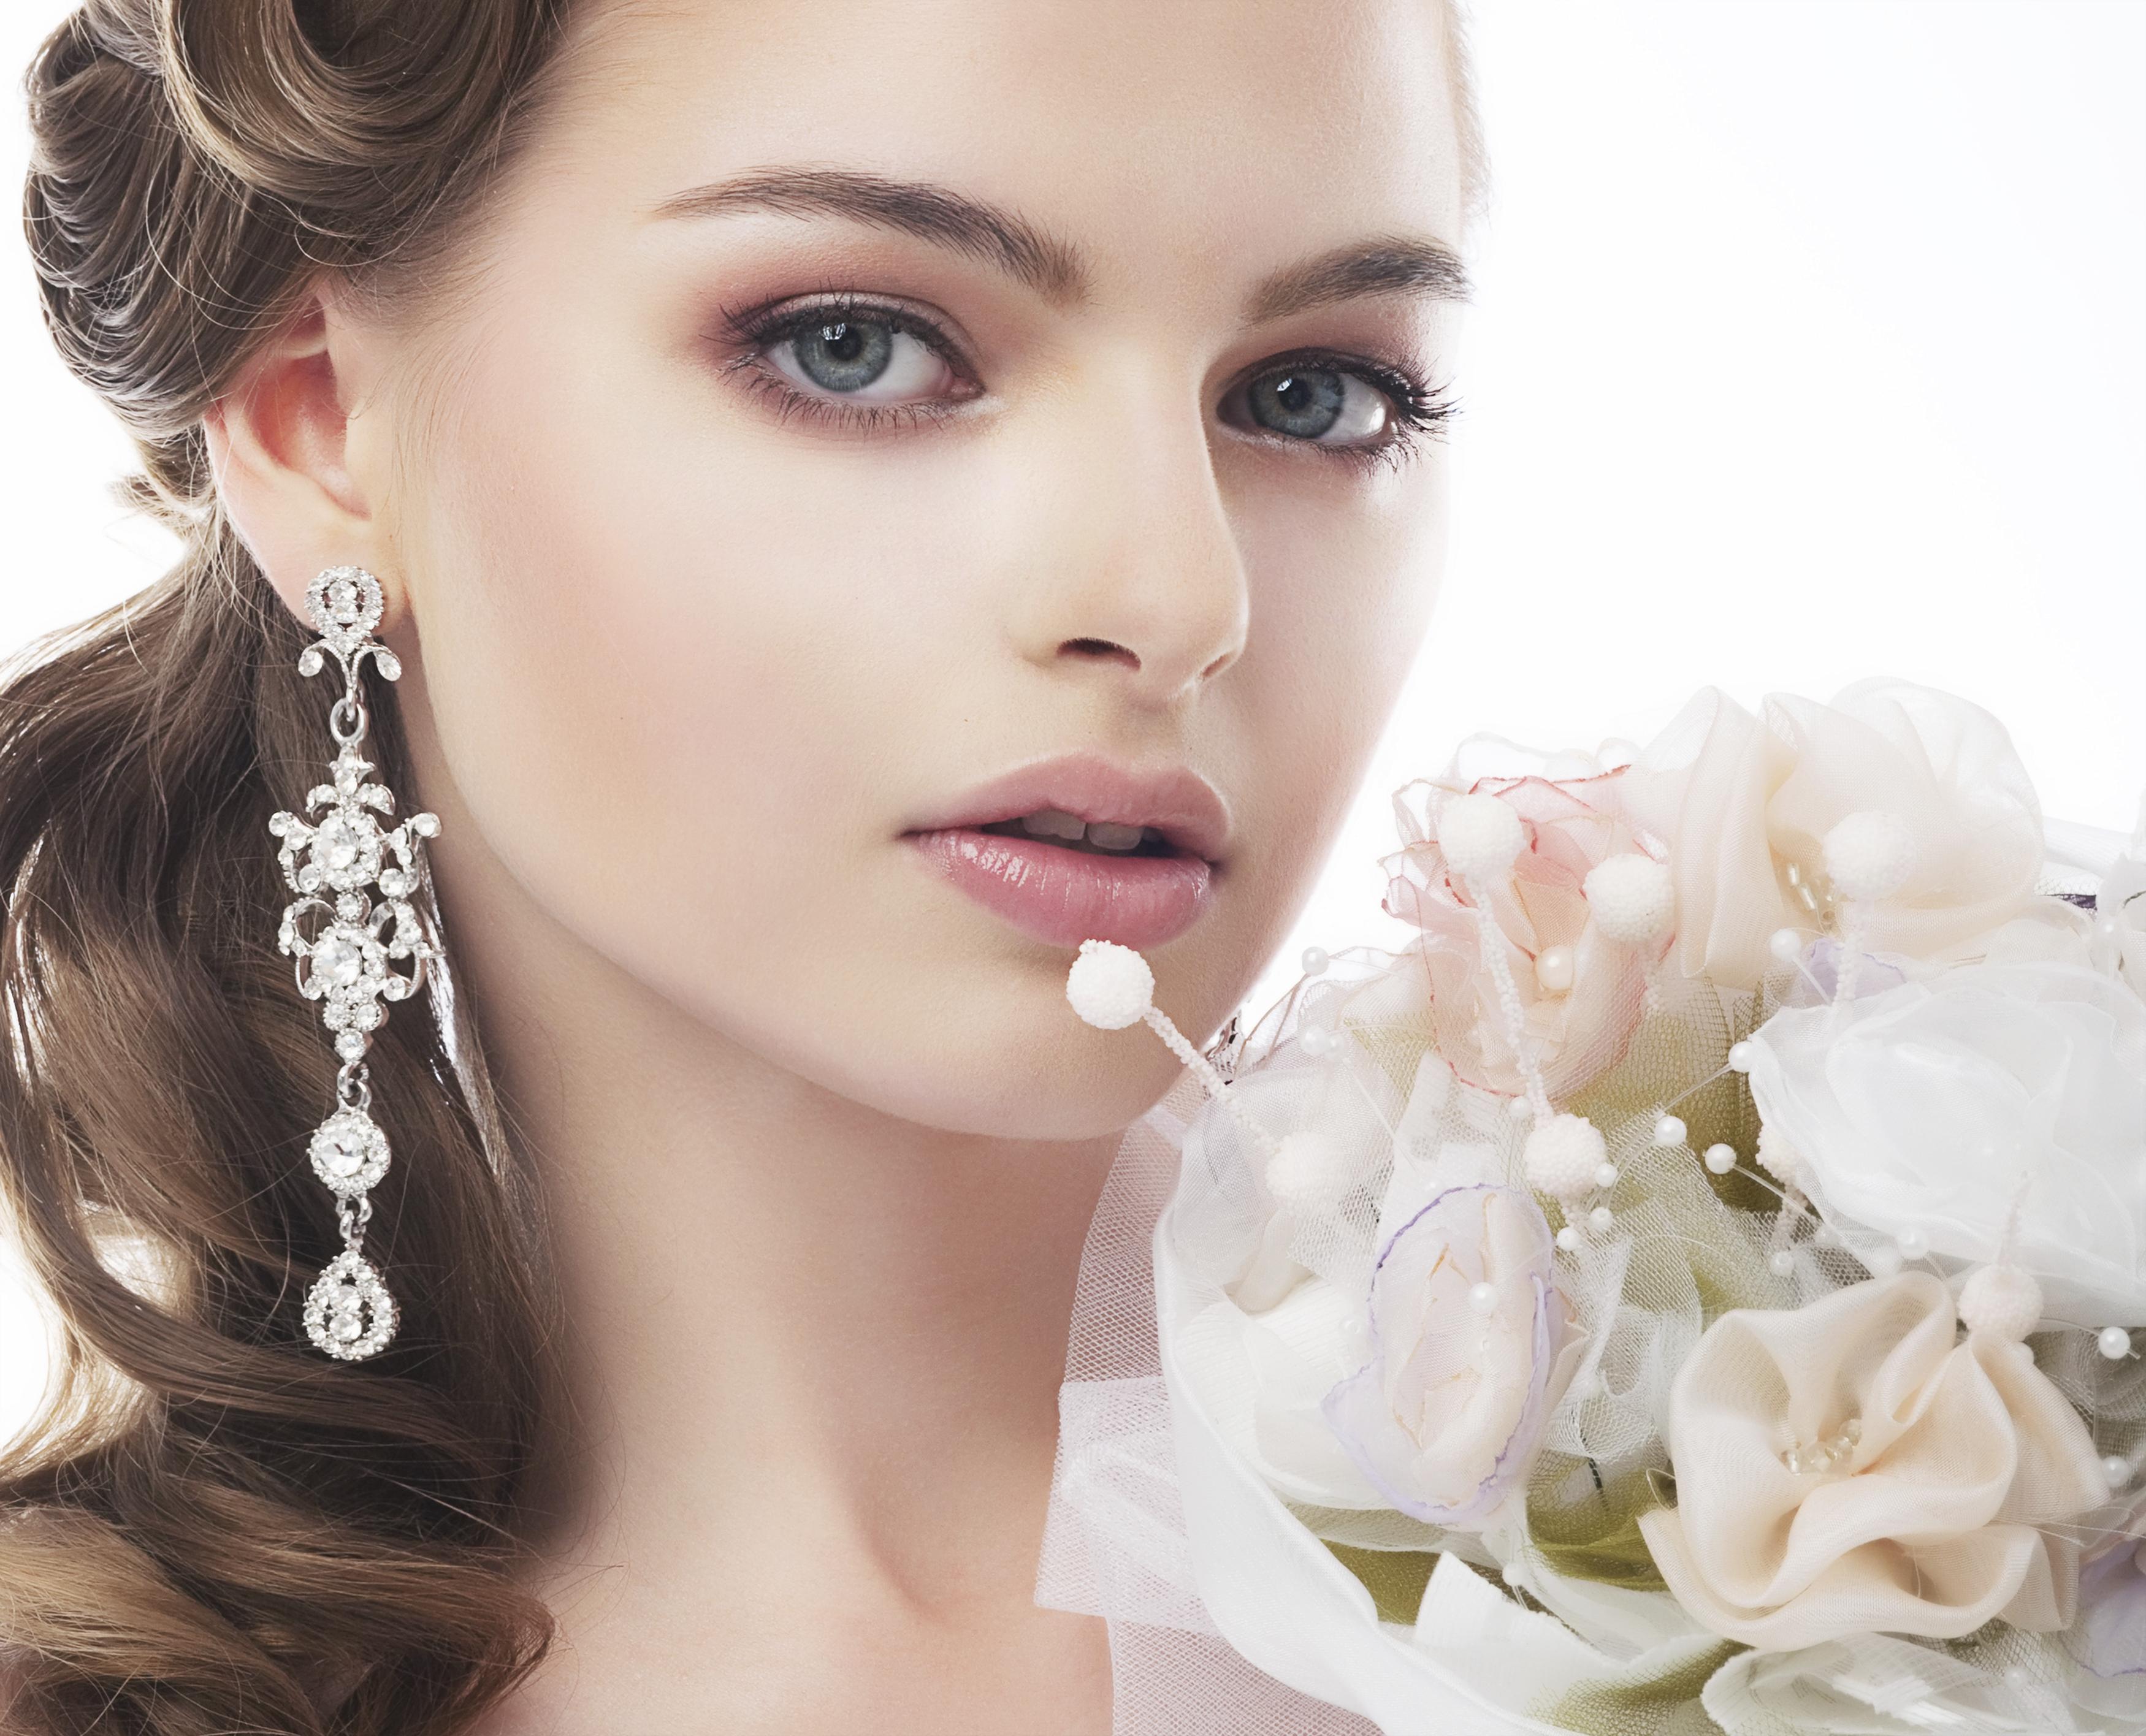 Deta Beauty 10 Makeup Ideas For Summer Brides Artists